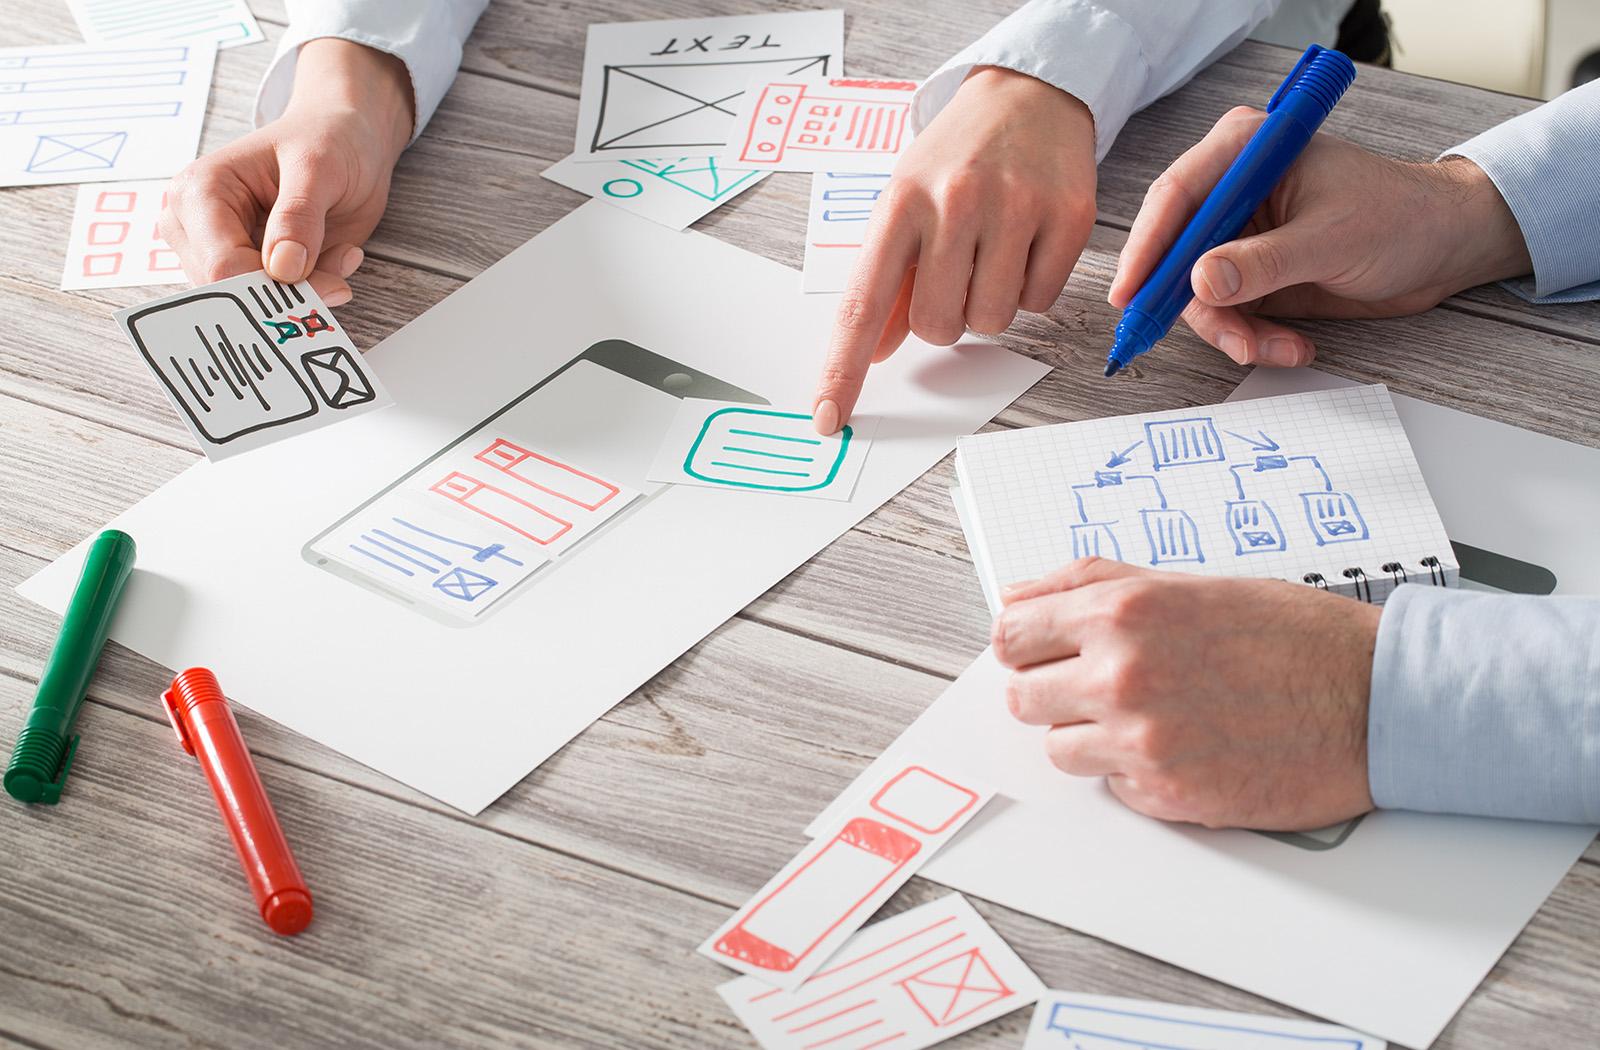 La importancia de la arquitectura de información en un sitio web